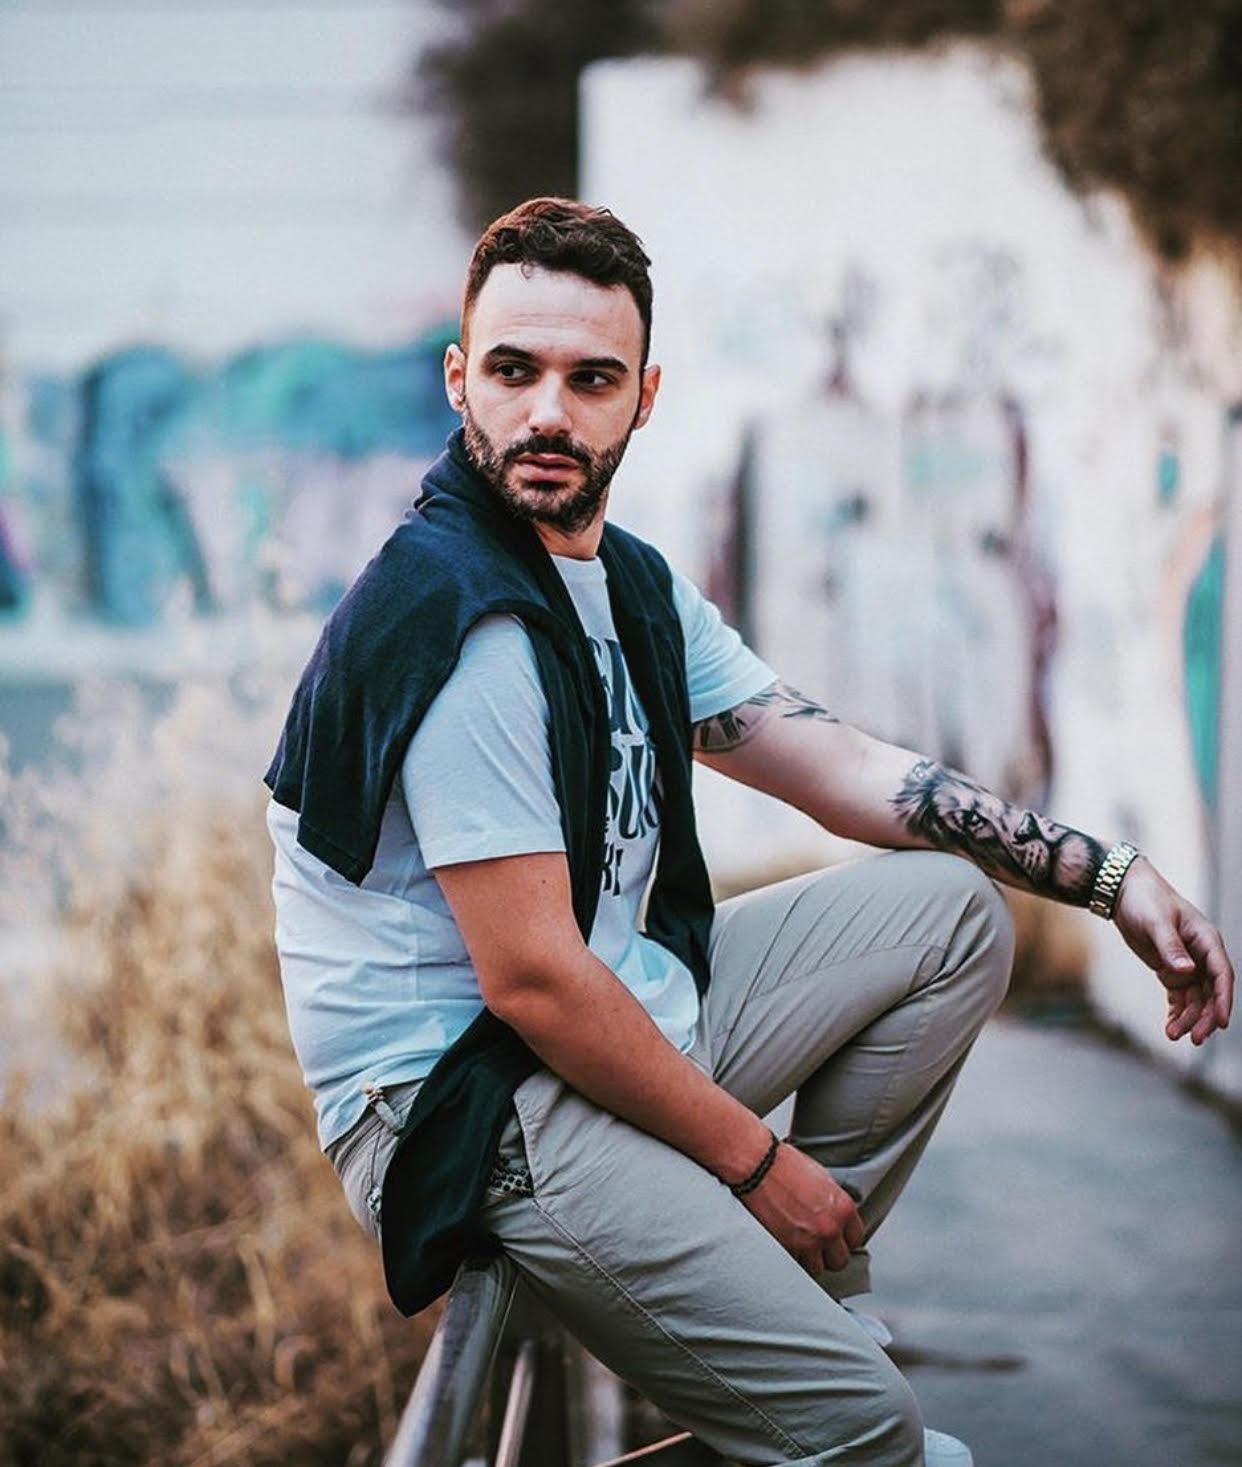 Τροχαίο ατύχημα για γνωστό Έλληνα τραγουδιστή – Τον εγκατέλειψαν στο κέντρο της Γλυφάδας (pics)